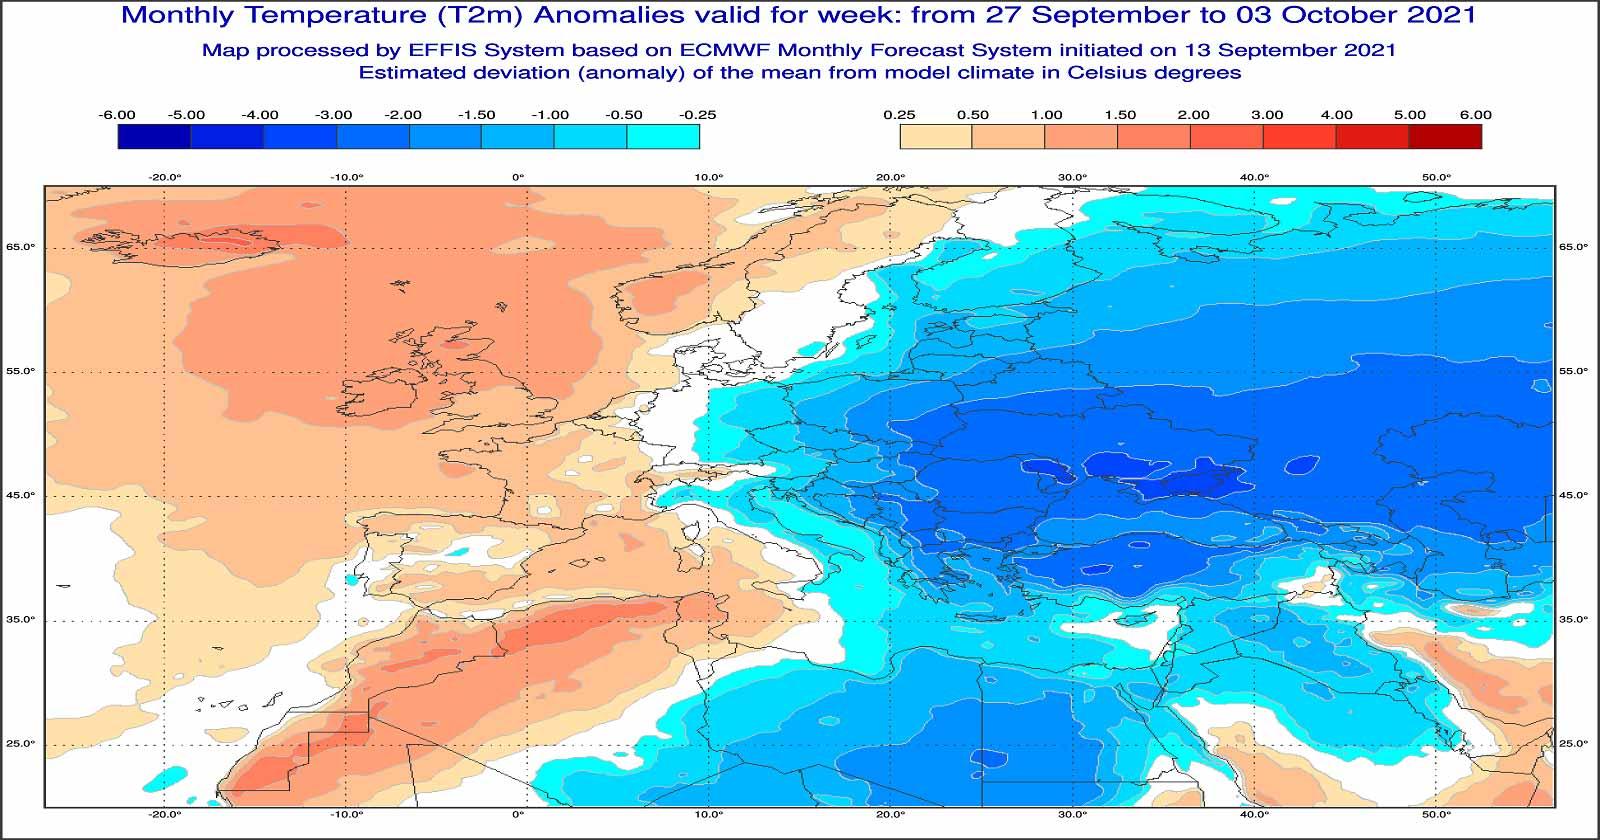 Anomalie di temperatura previste tra il 27 settembre e il 3 ottobre - effis.jrc.ec.europa.eu